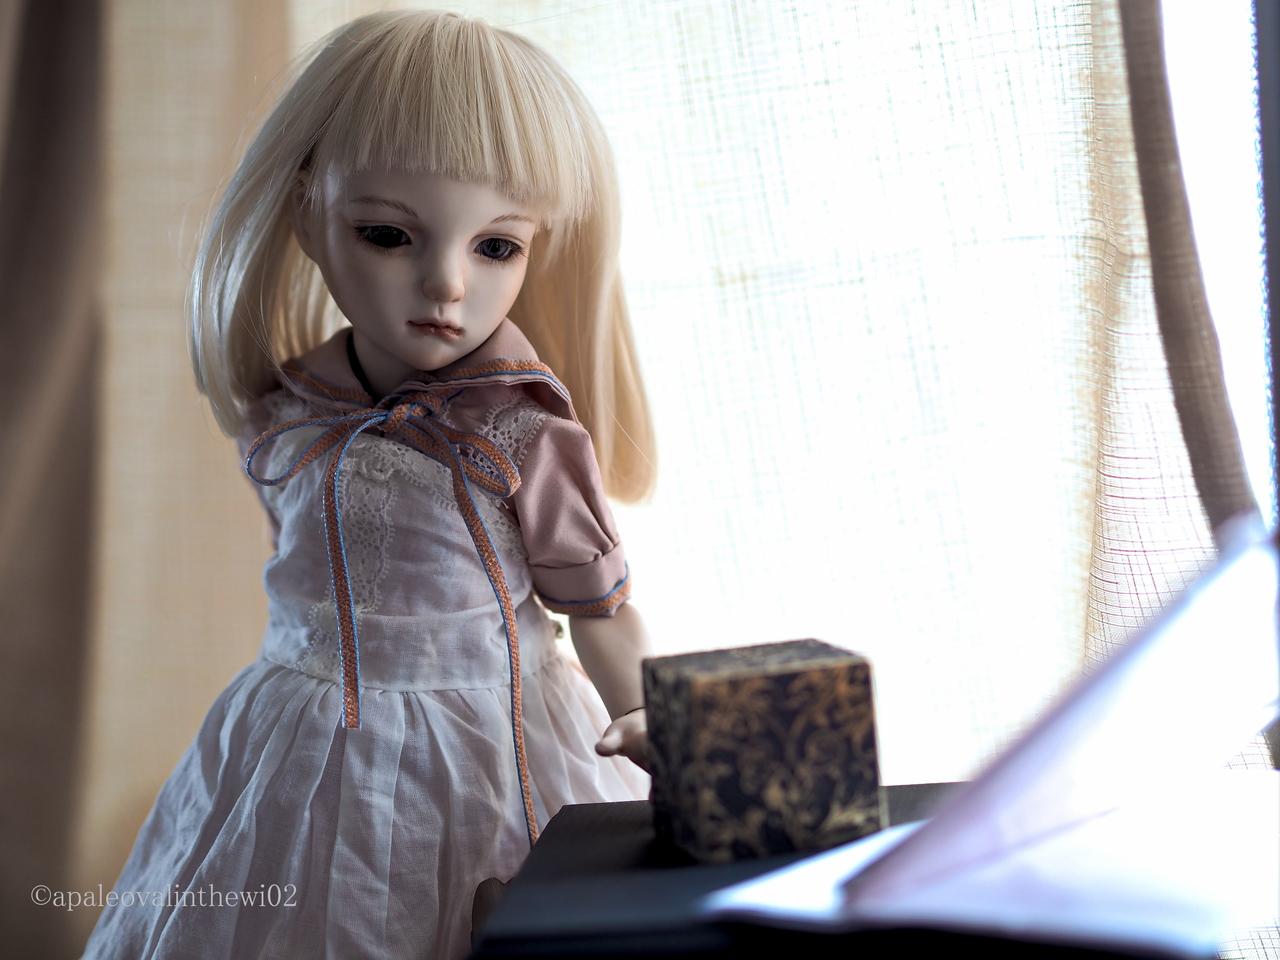 f:id:apaleovalinthewi02:20180501120114j:plain